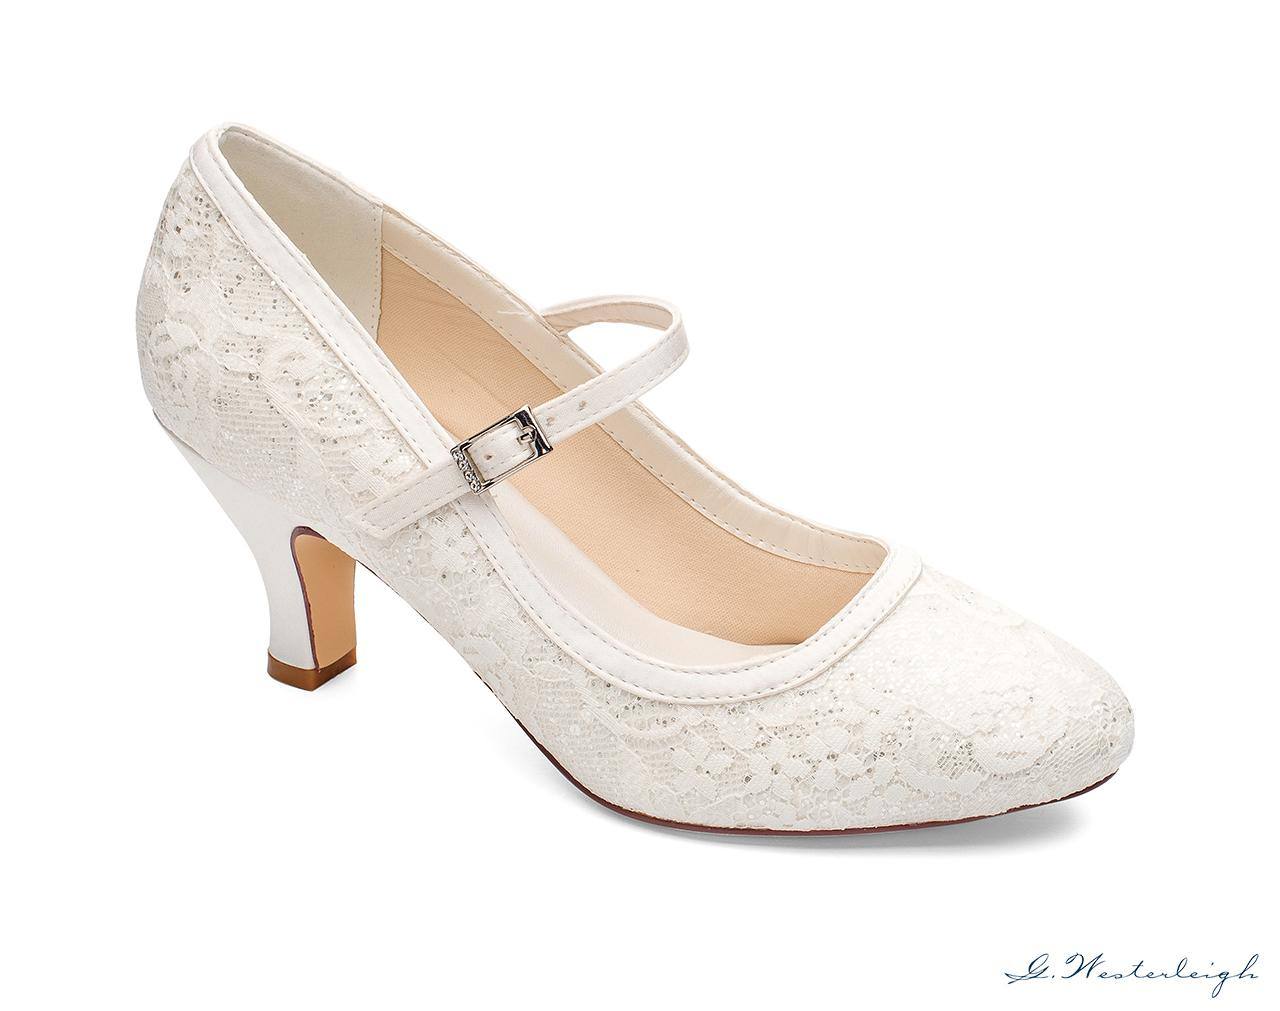 Svadobné topánky Megan - Obrázok č. 1